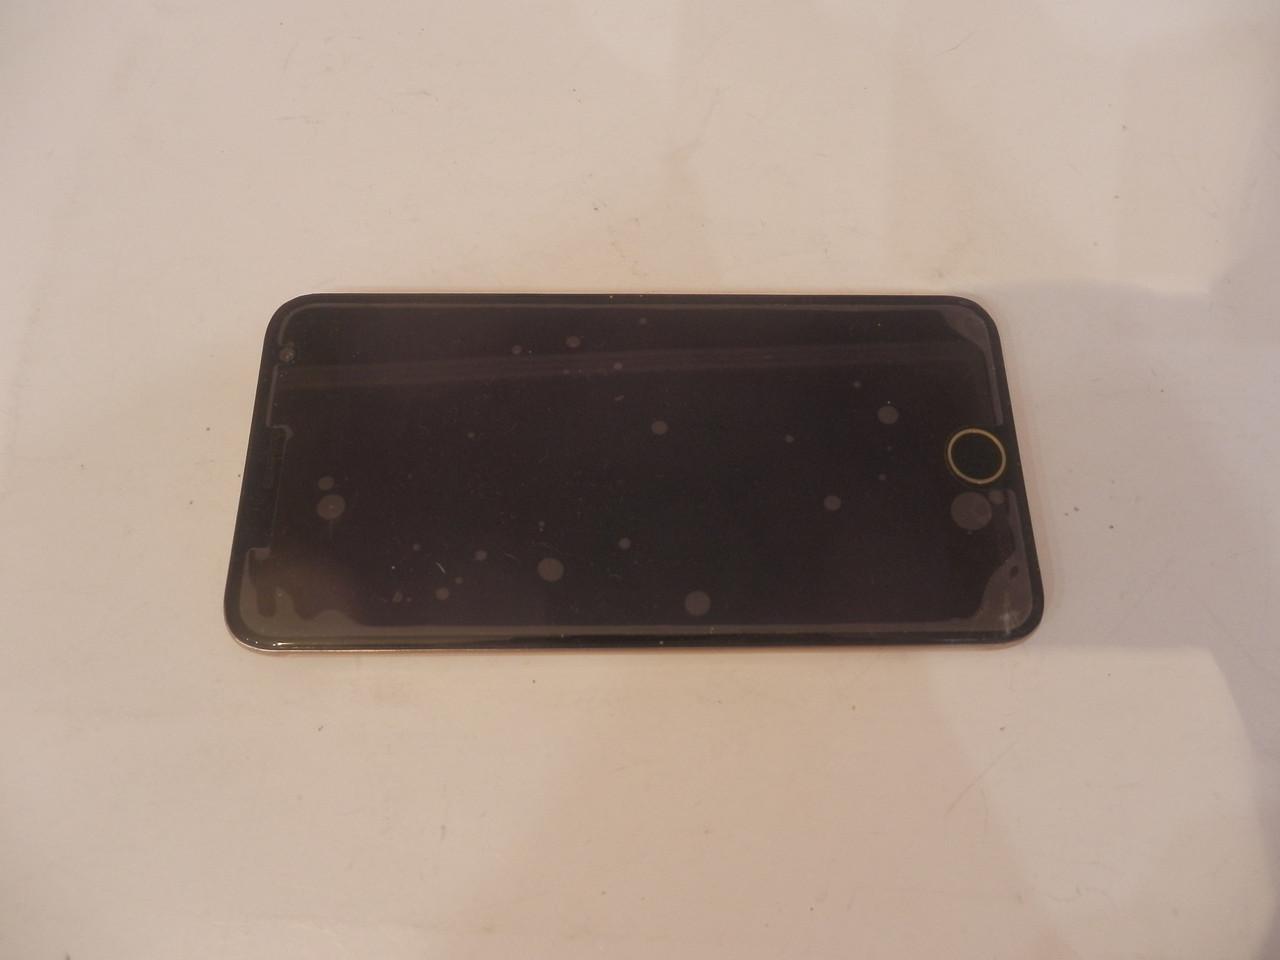 Мобільний телефон Prestigio PSP7501 R7 №6275